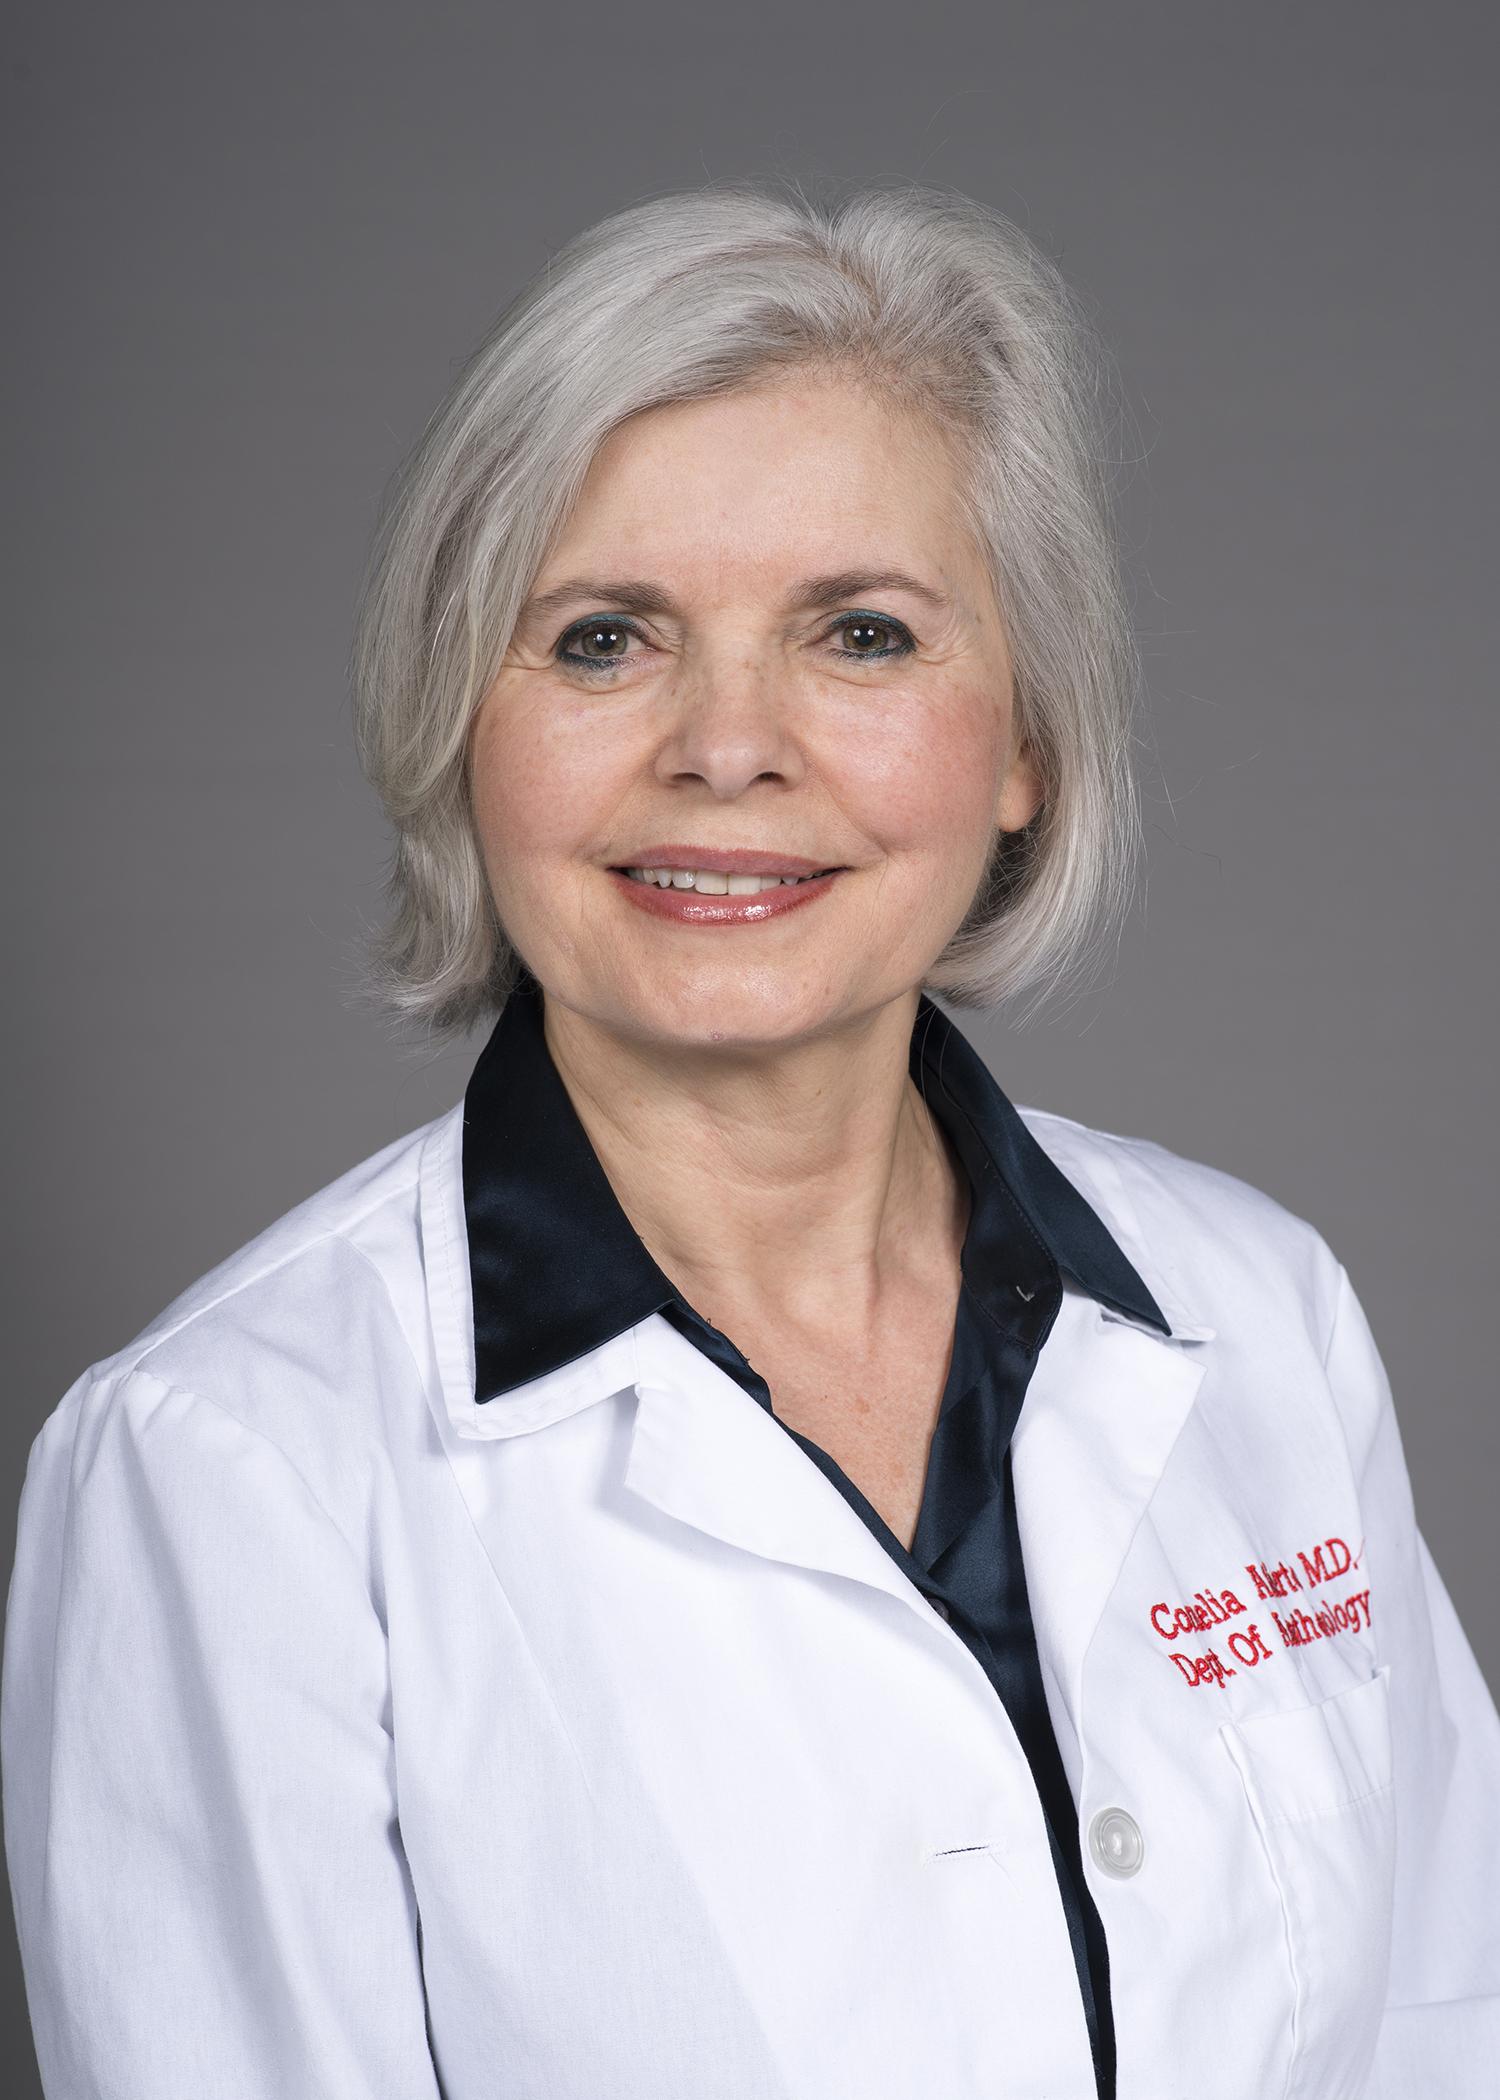 Dr. Cornelia Atherton